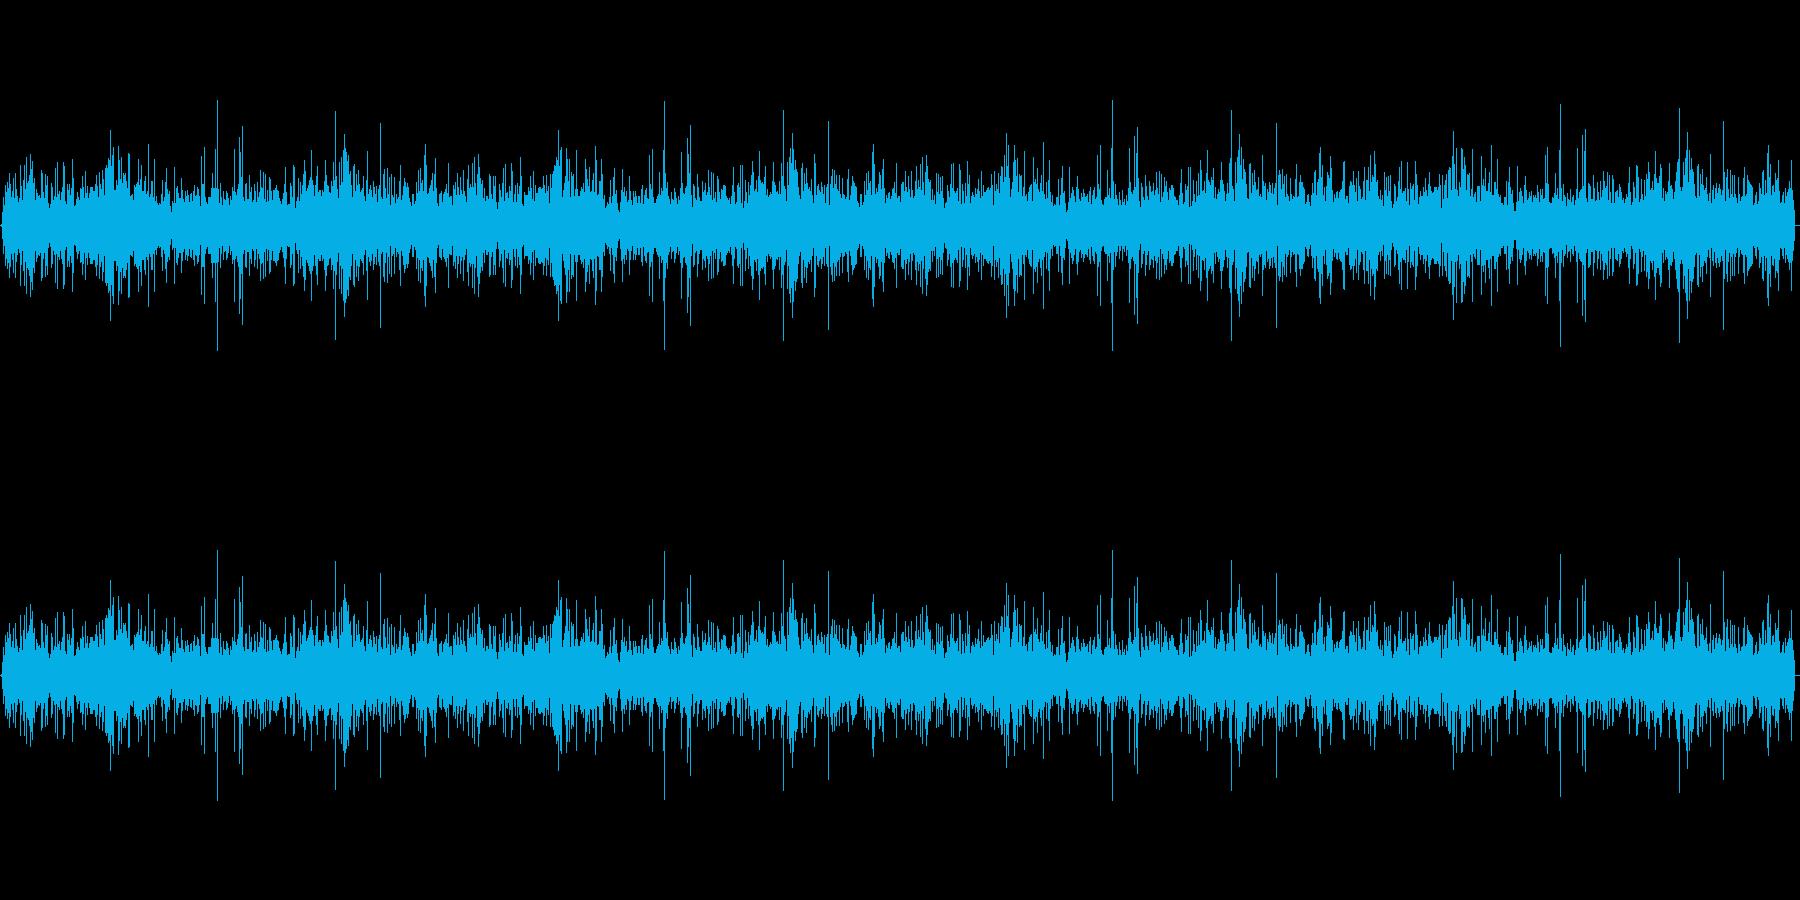 グツグツ煮える音の再生済みの波形